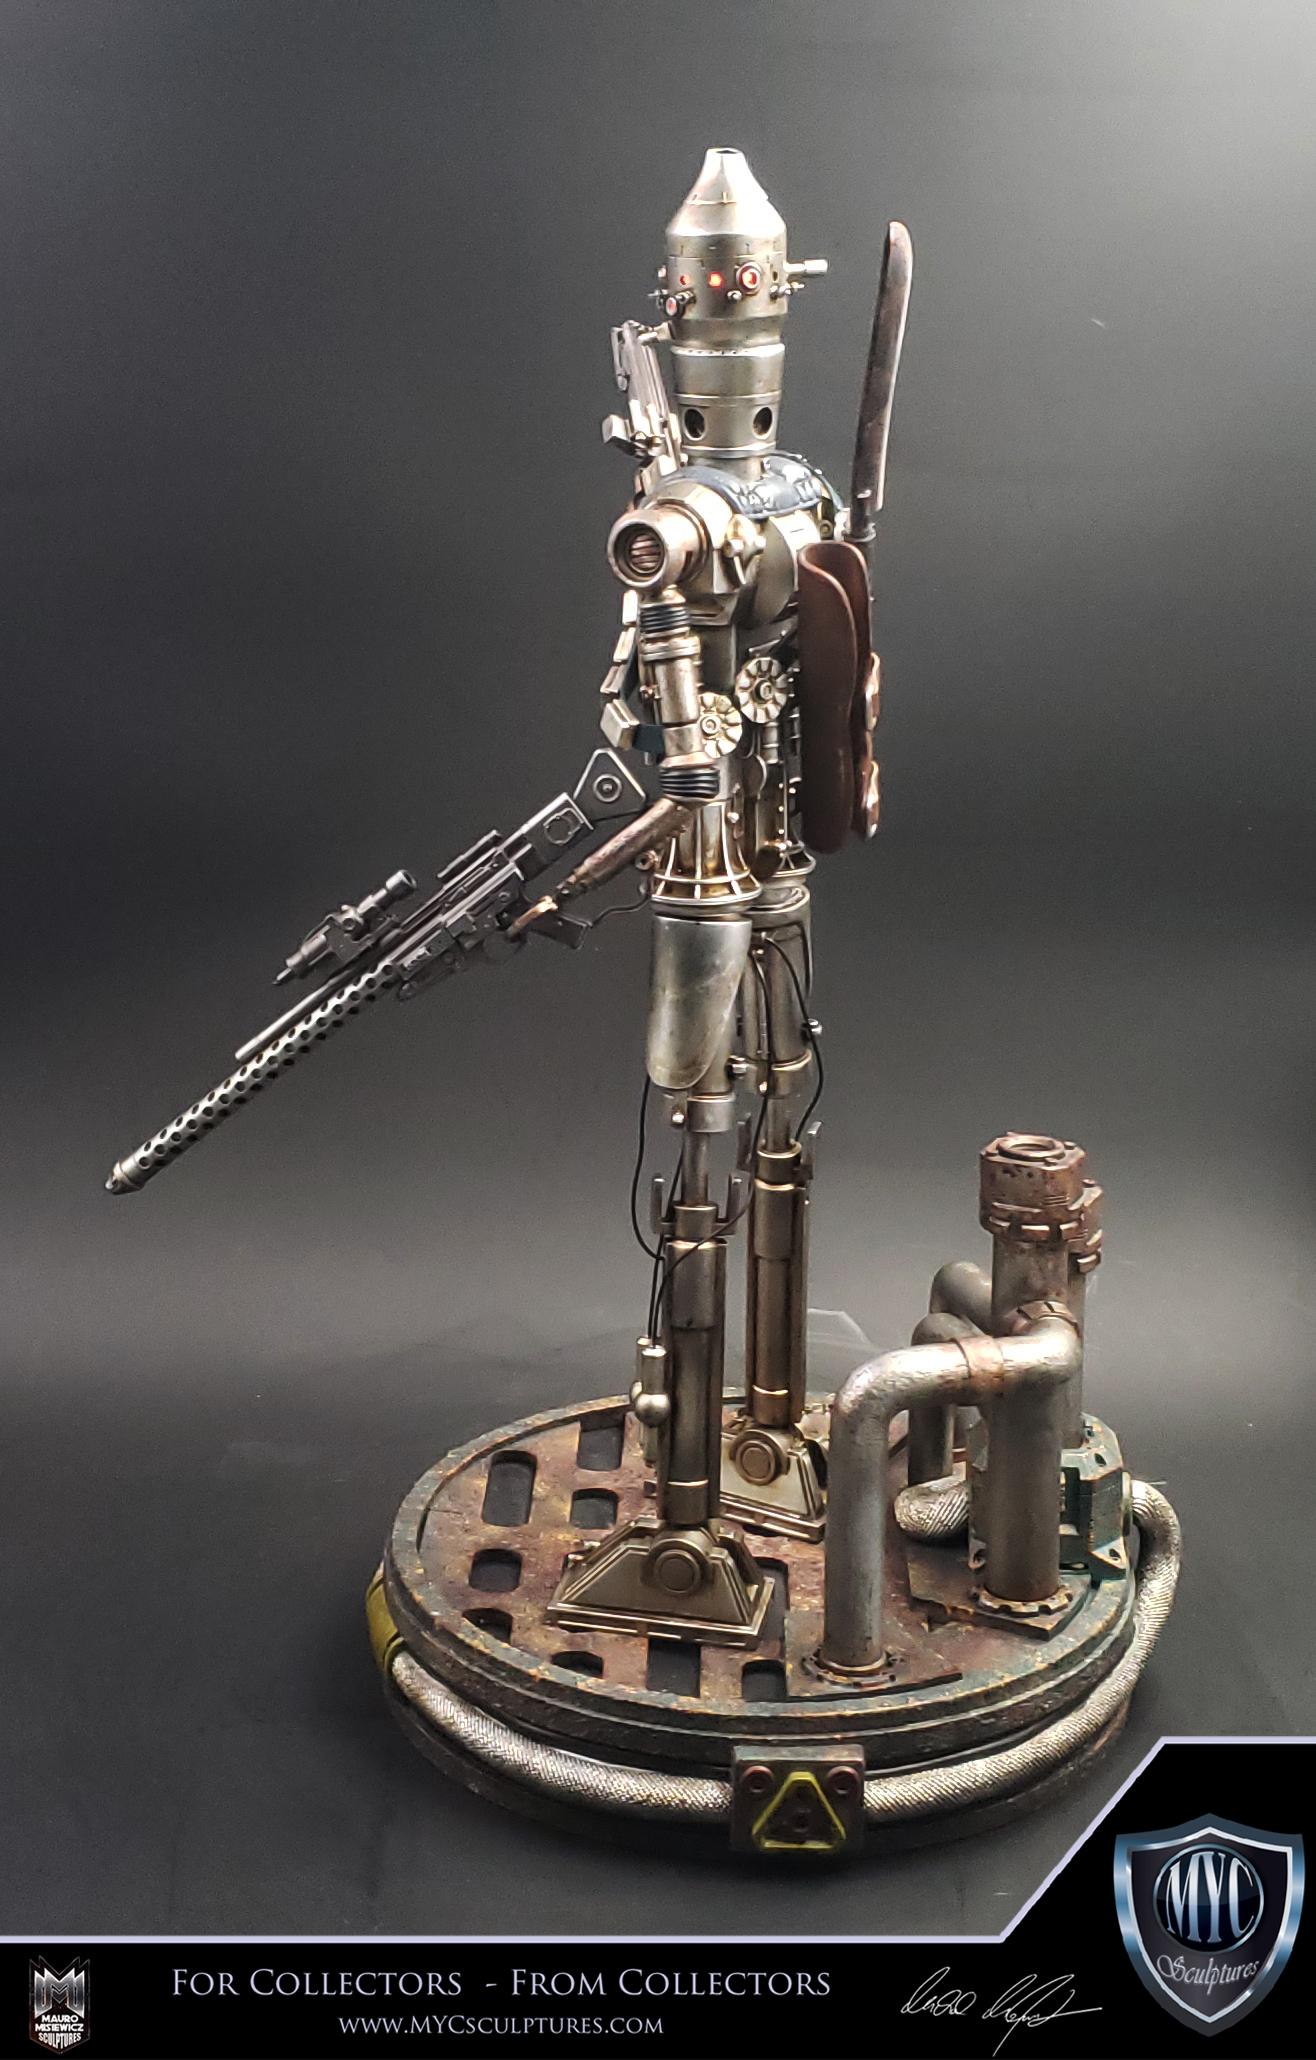 IG88_MYC_Sculptures_Statue_03